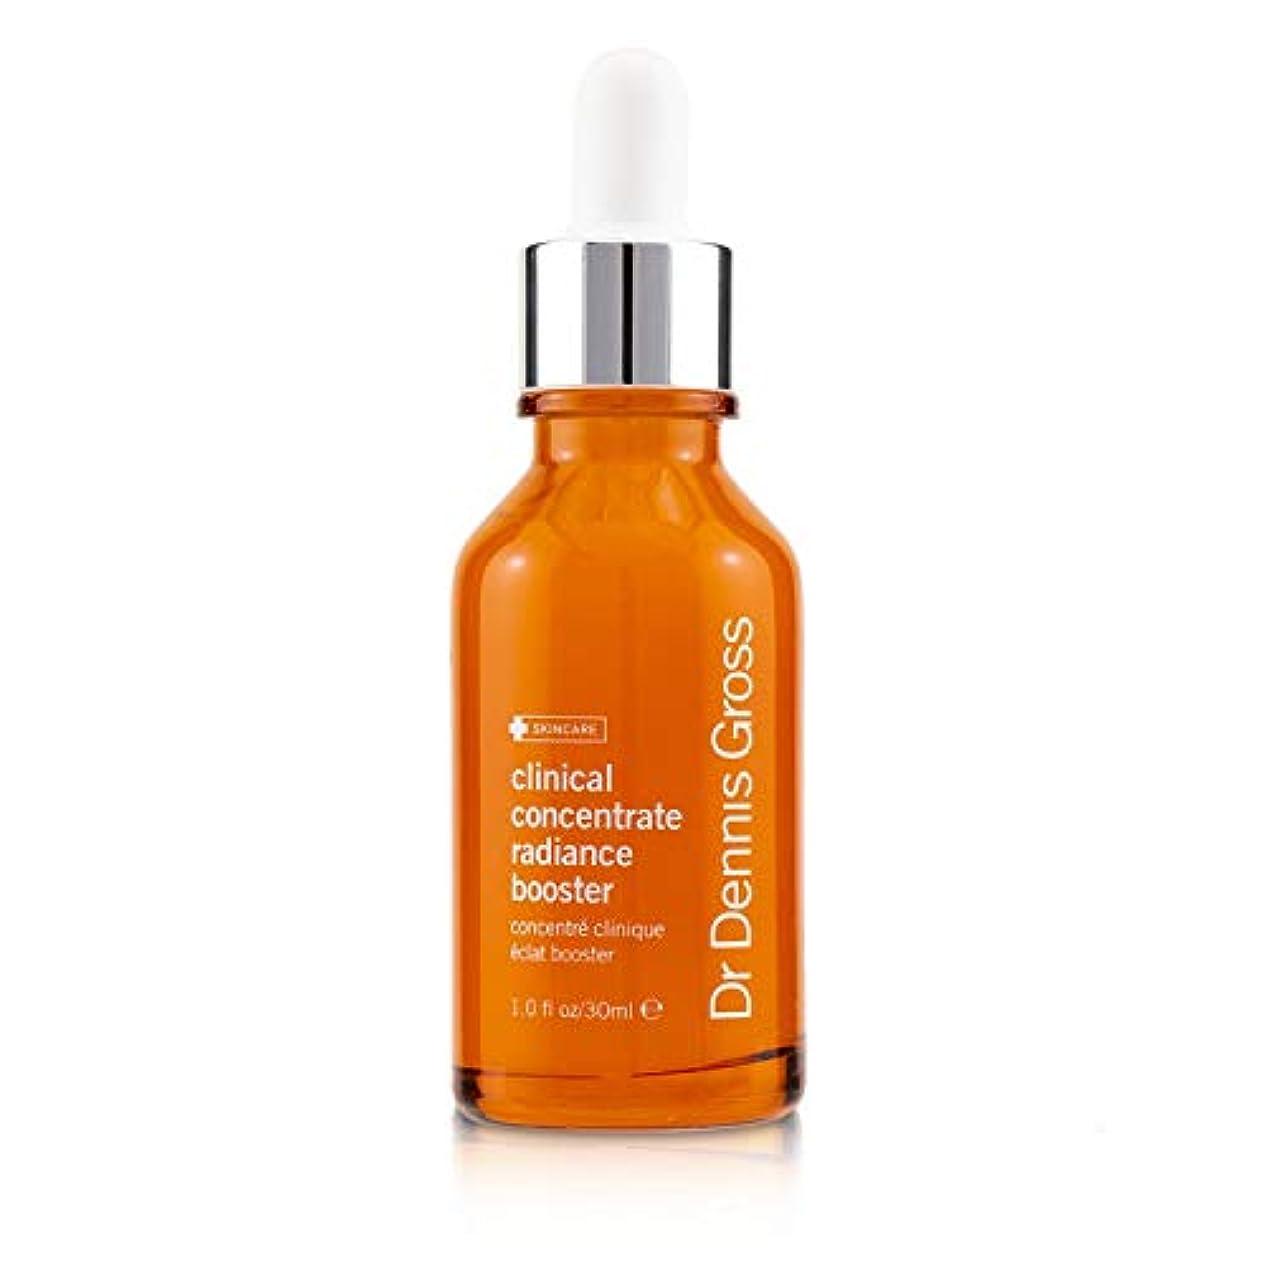 栄光熟読祝福ドクターデニスグロス Clinical Concentrate Radiance Booster (Salon Product) 30ml/1oz並行輸入品